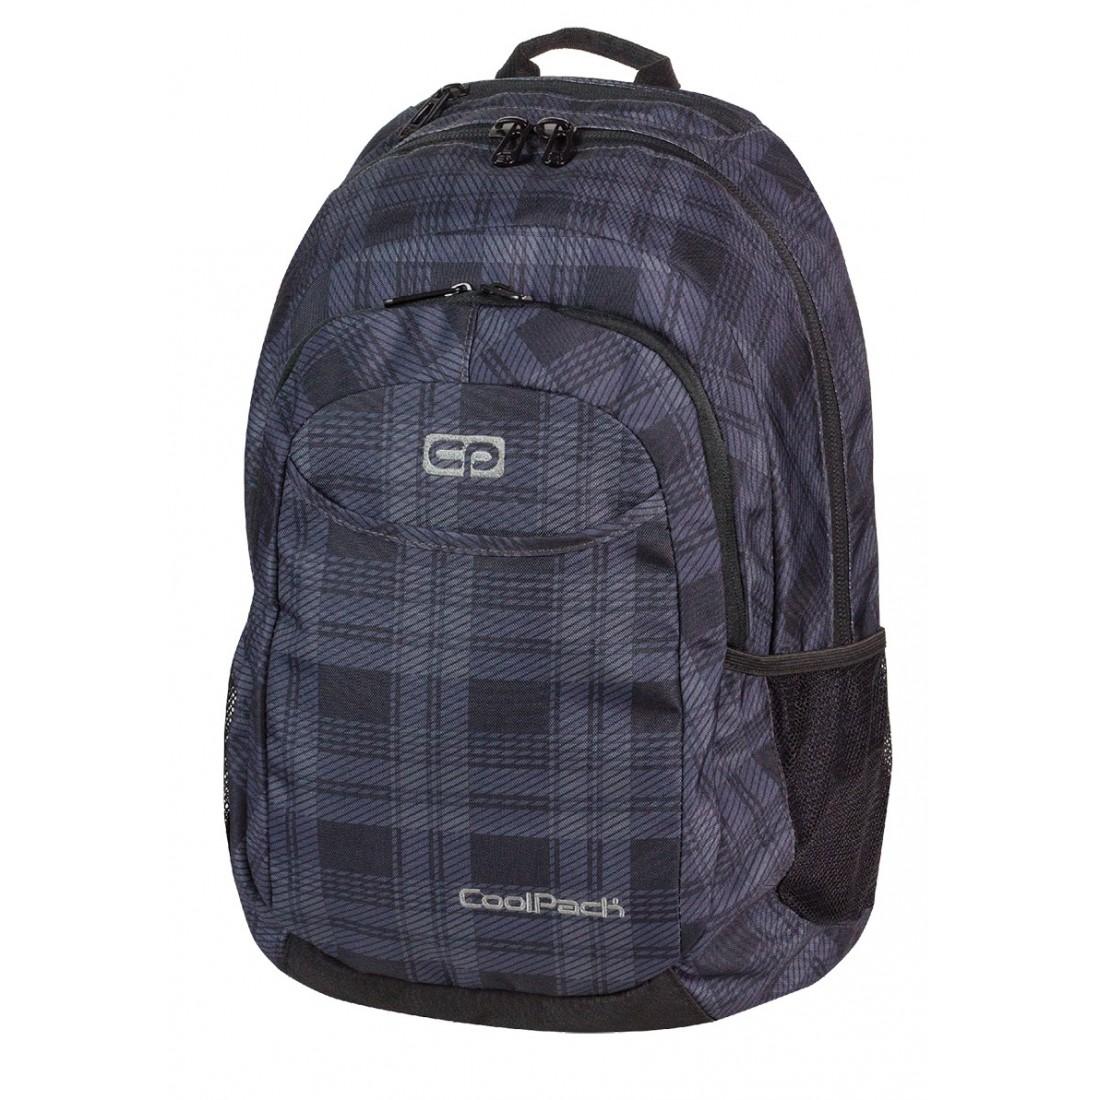 Plecak młodzieżowy na laptop CoolPack CP czarno - szary w kratkę URBAN DERBY 371 - plecak-tornister.pl